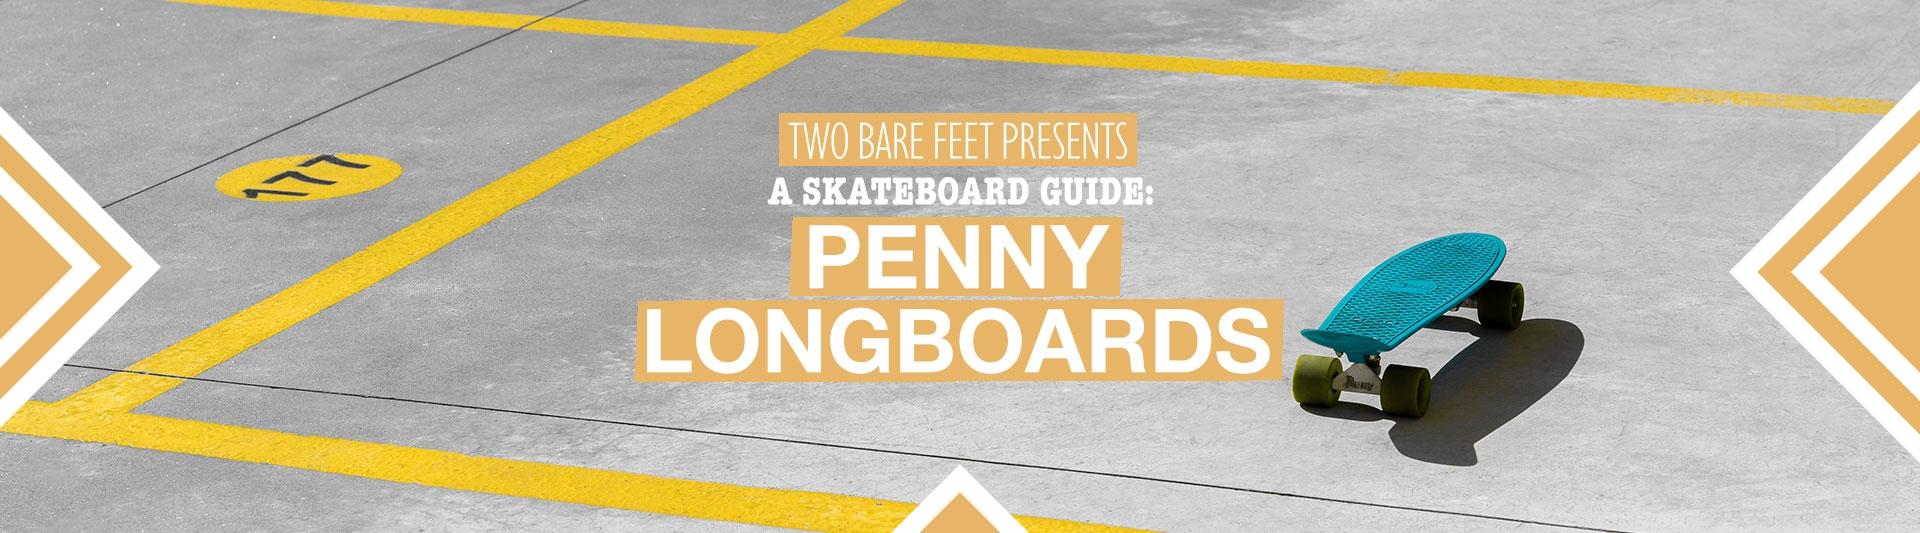 Penny longboard banner